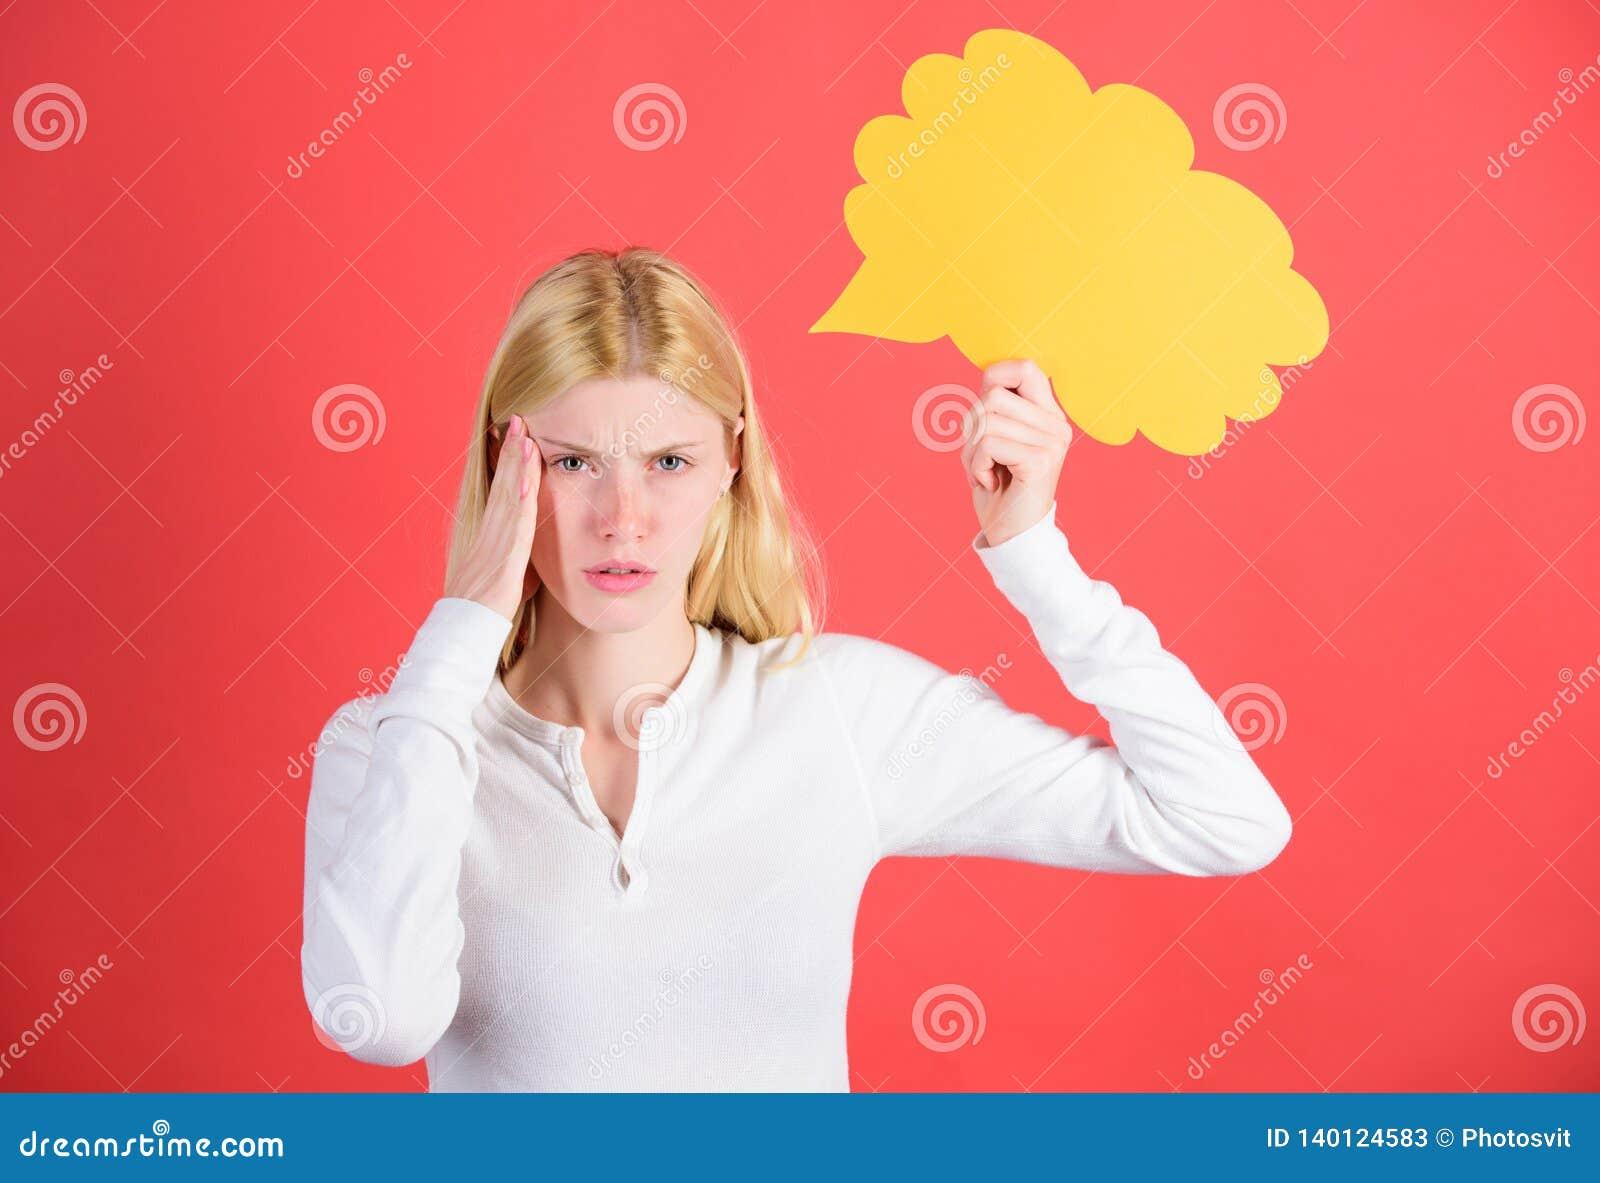 Decisão e solução Resolva o problema O que está em sua mente Faça a decisão Sugere e alude o conceito Decisão e pensamentos